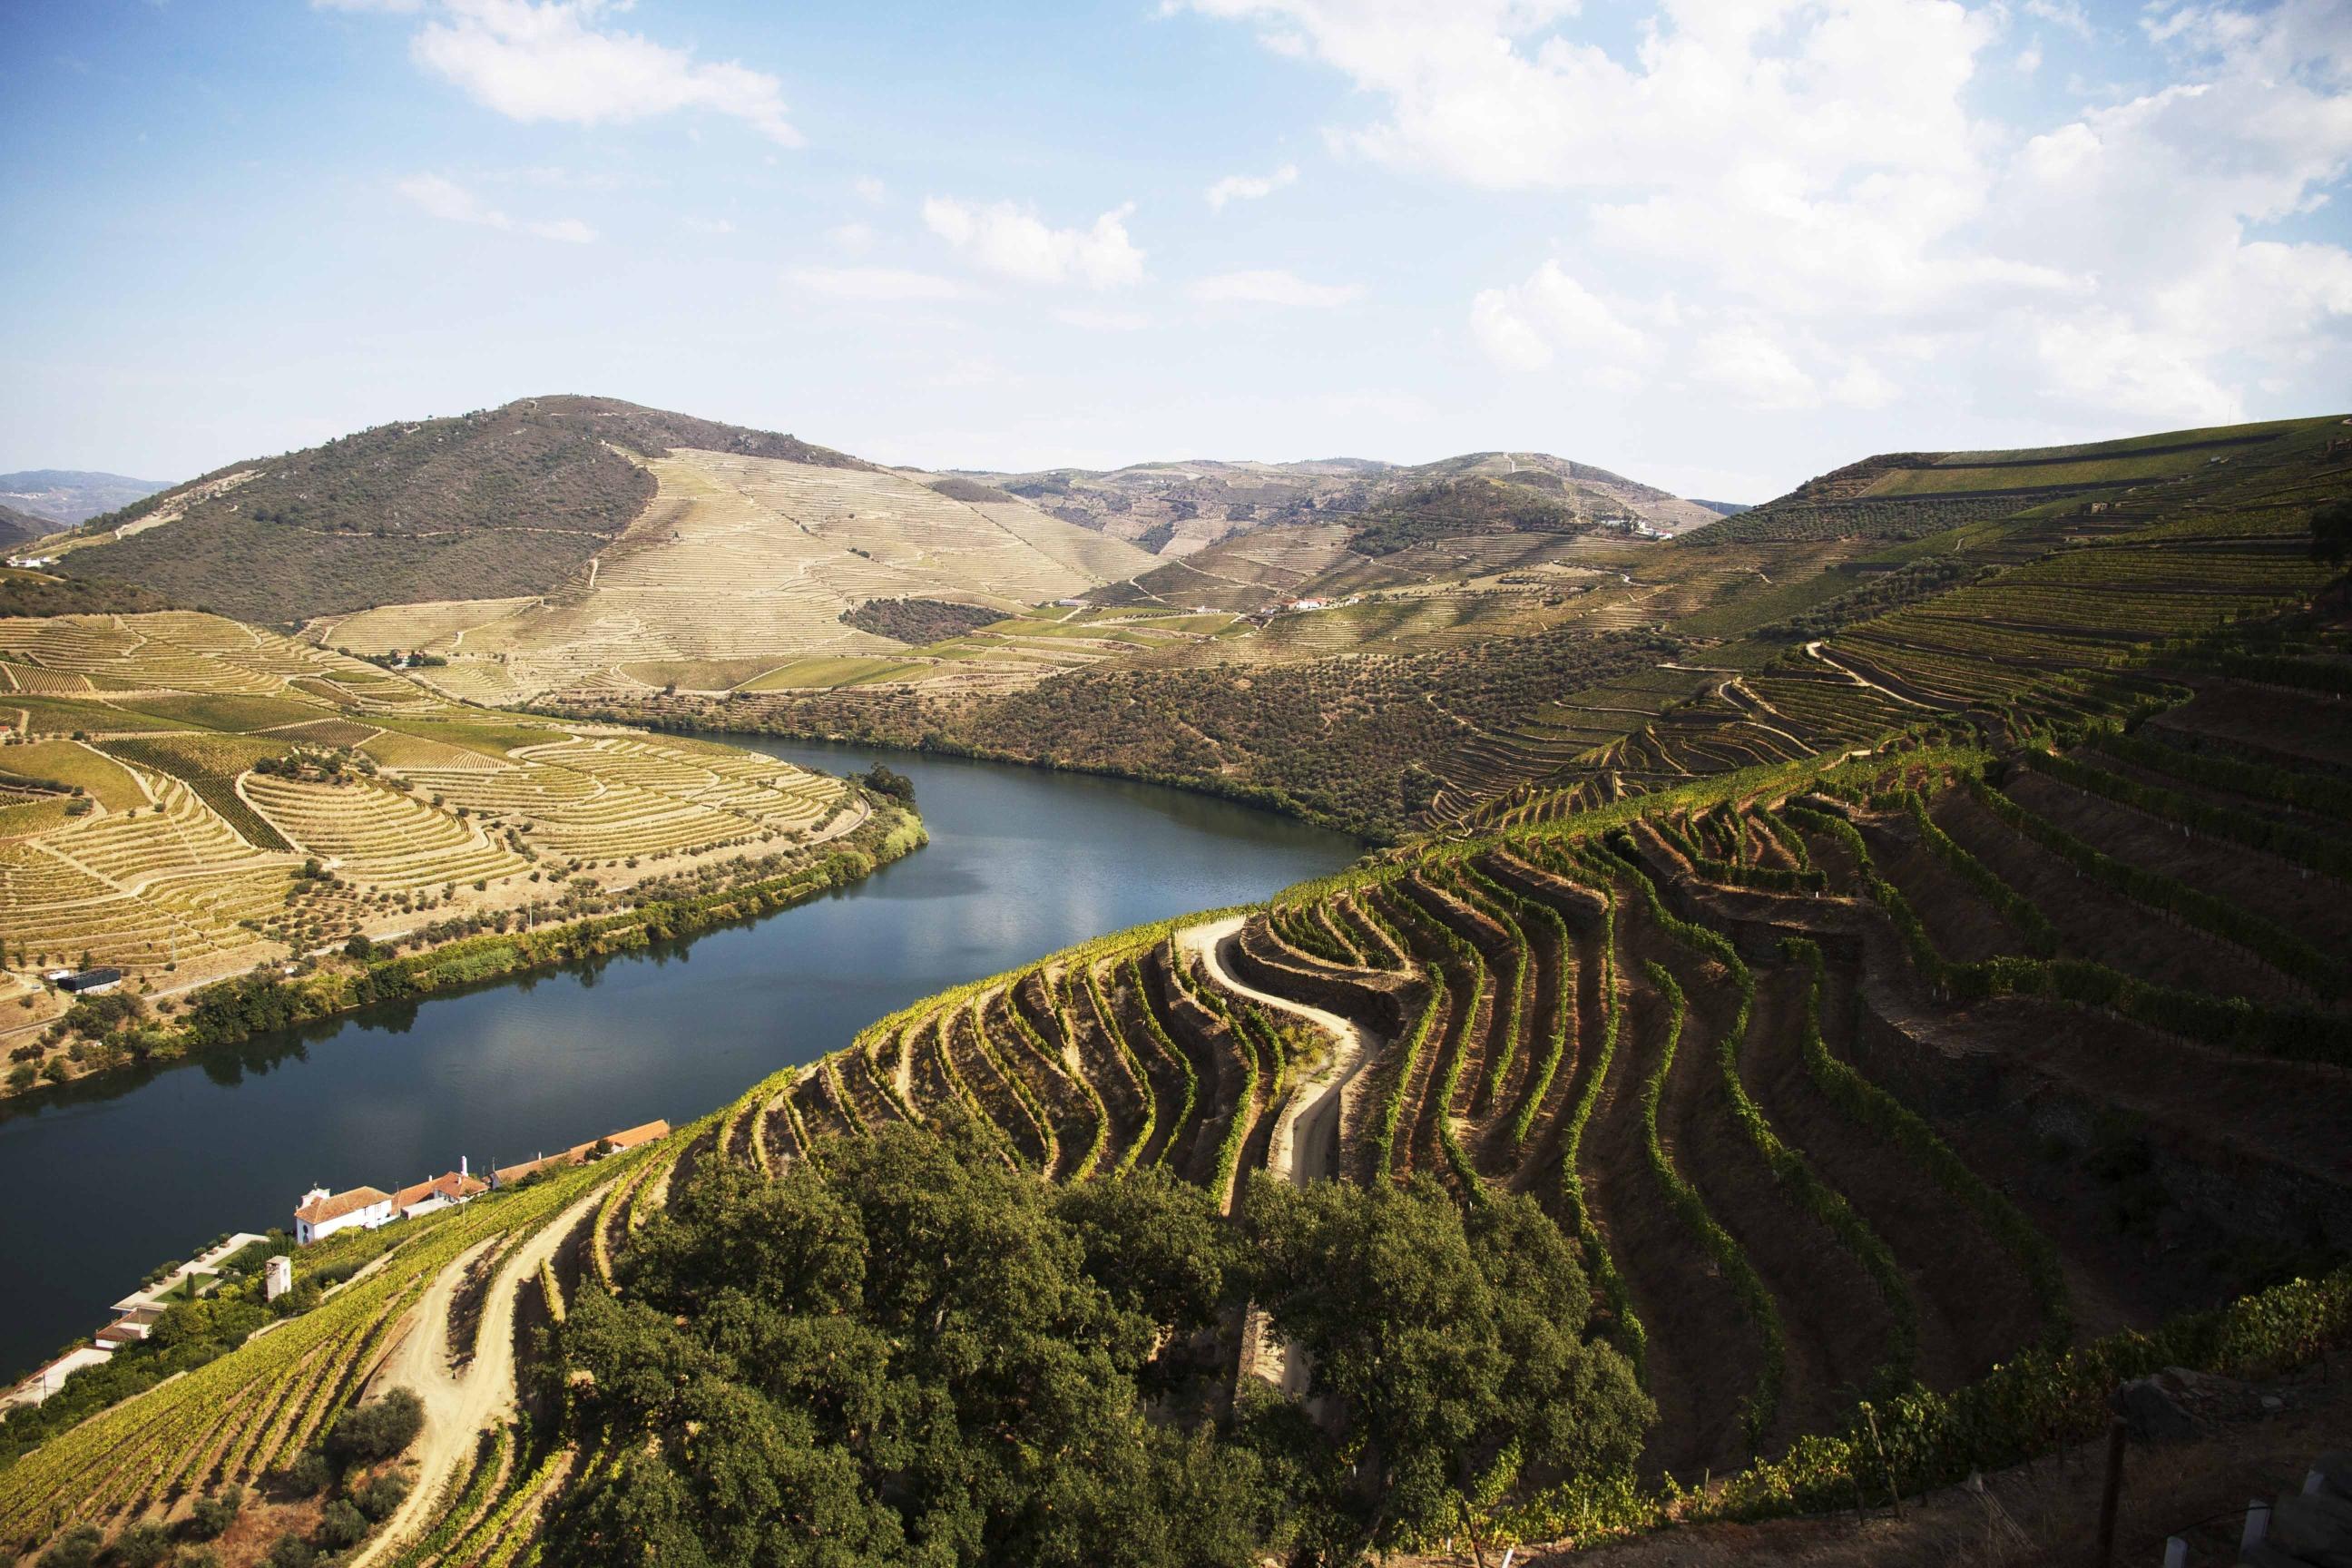 Offen für einen Geheimtipp? Ein beeindruckender Ausblick auf das Douro-Tal